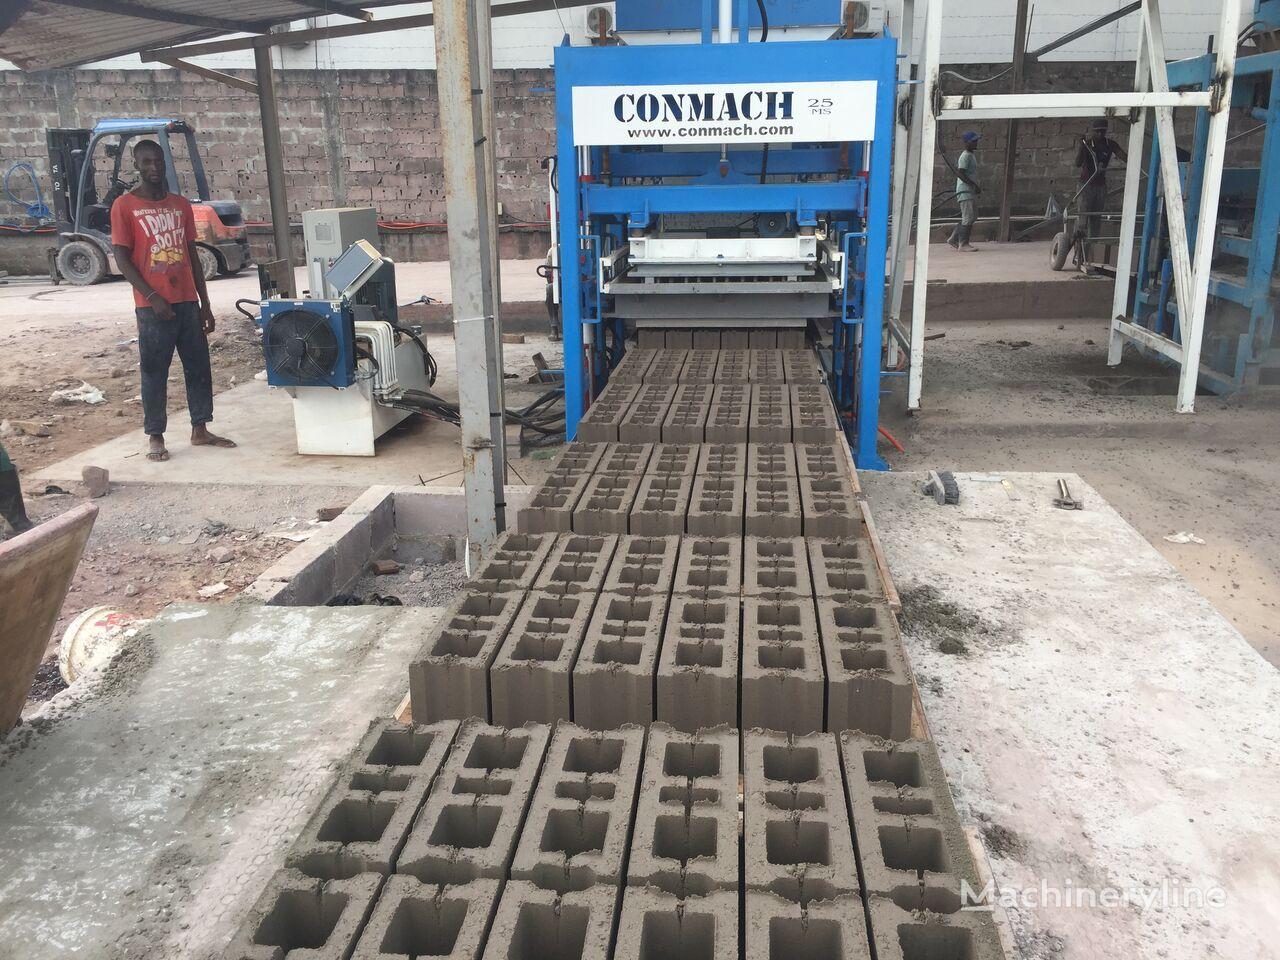 ny CONMACH BlockKing-25MS Concrete Block Making Machine -10.000 units/shift betongblock maskin